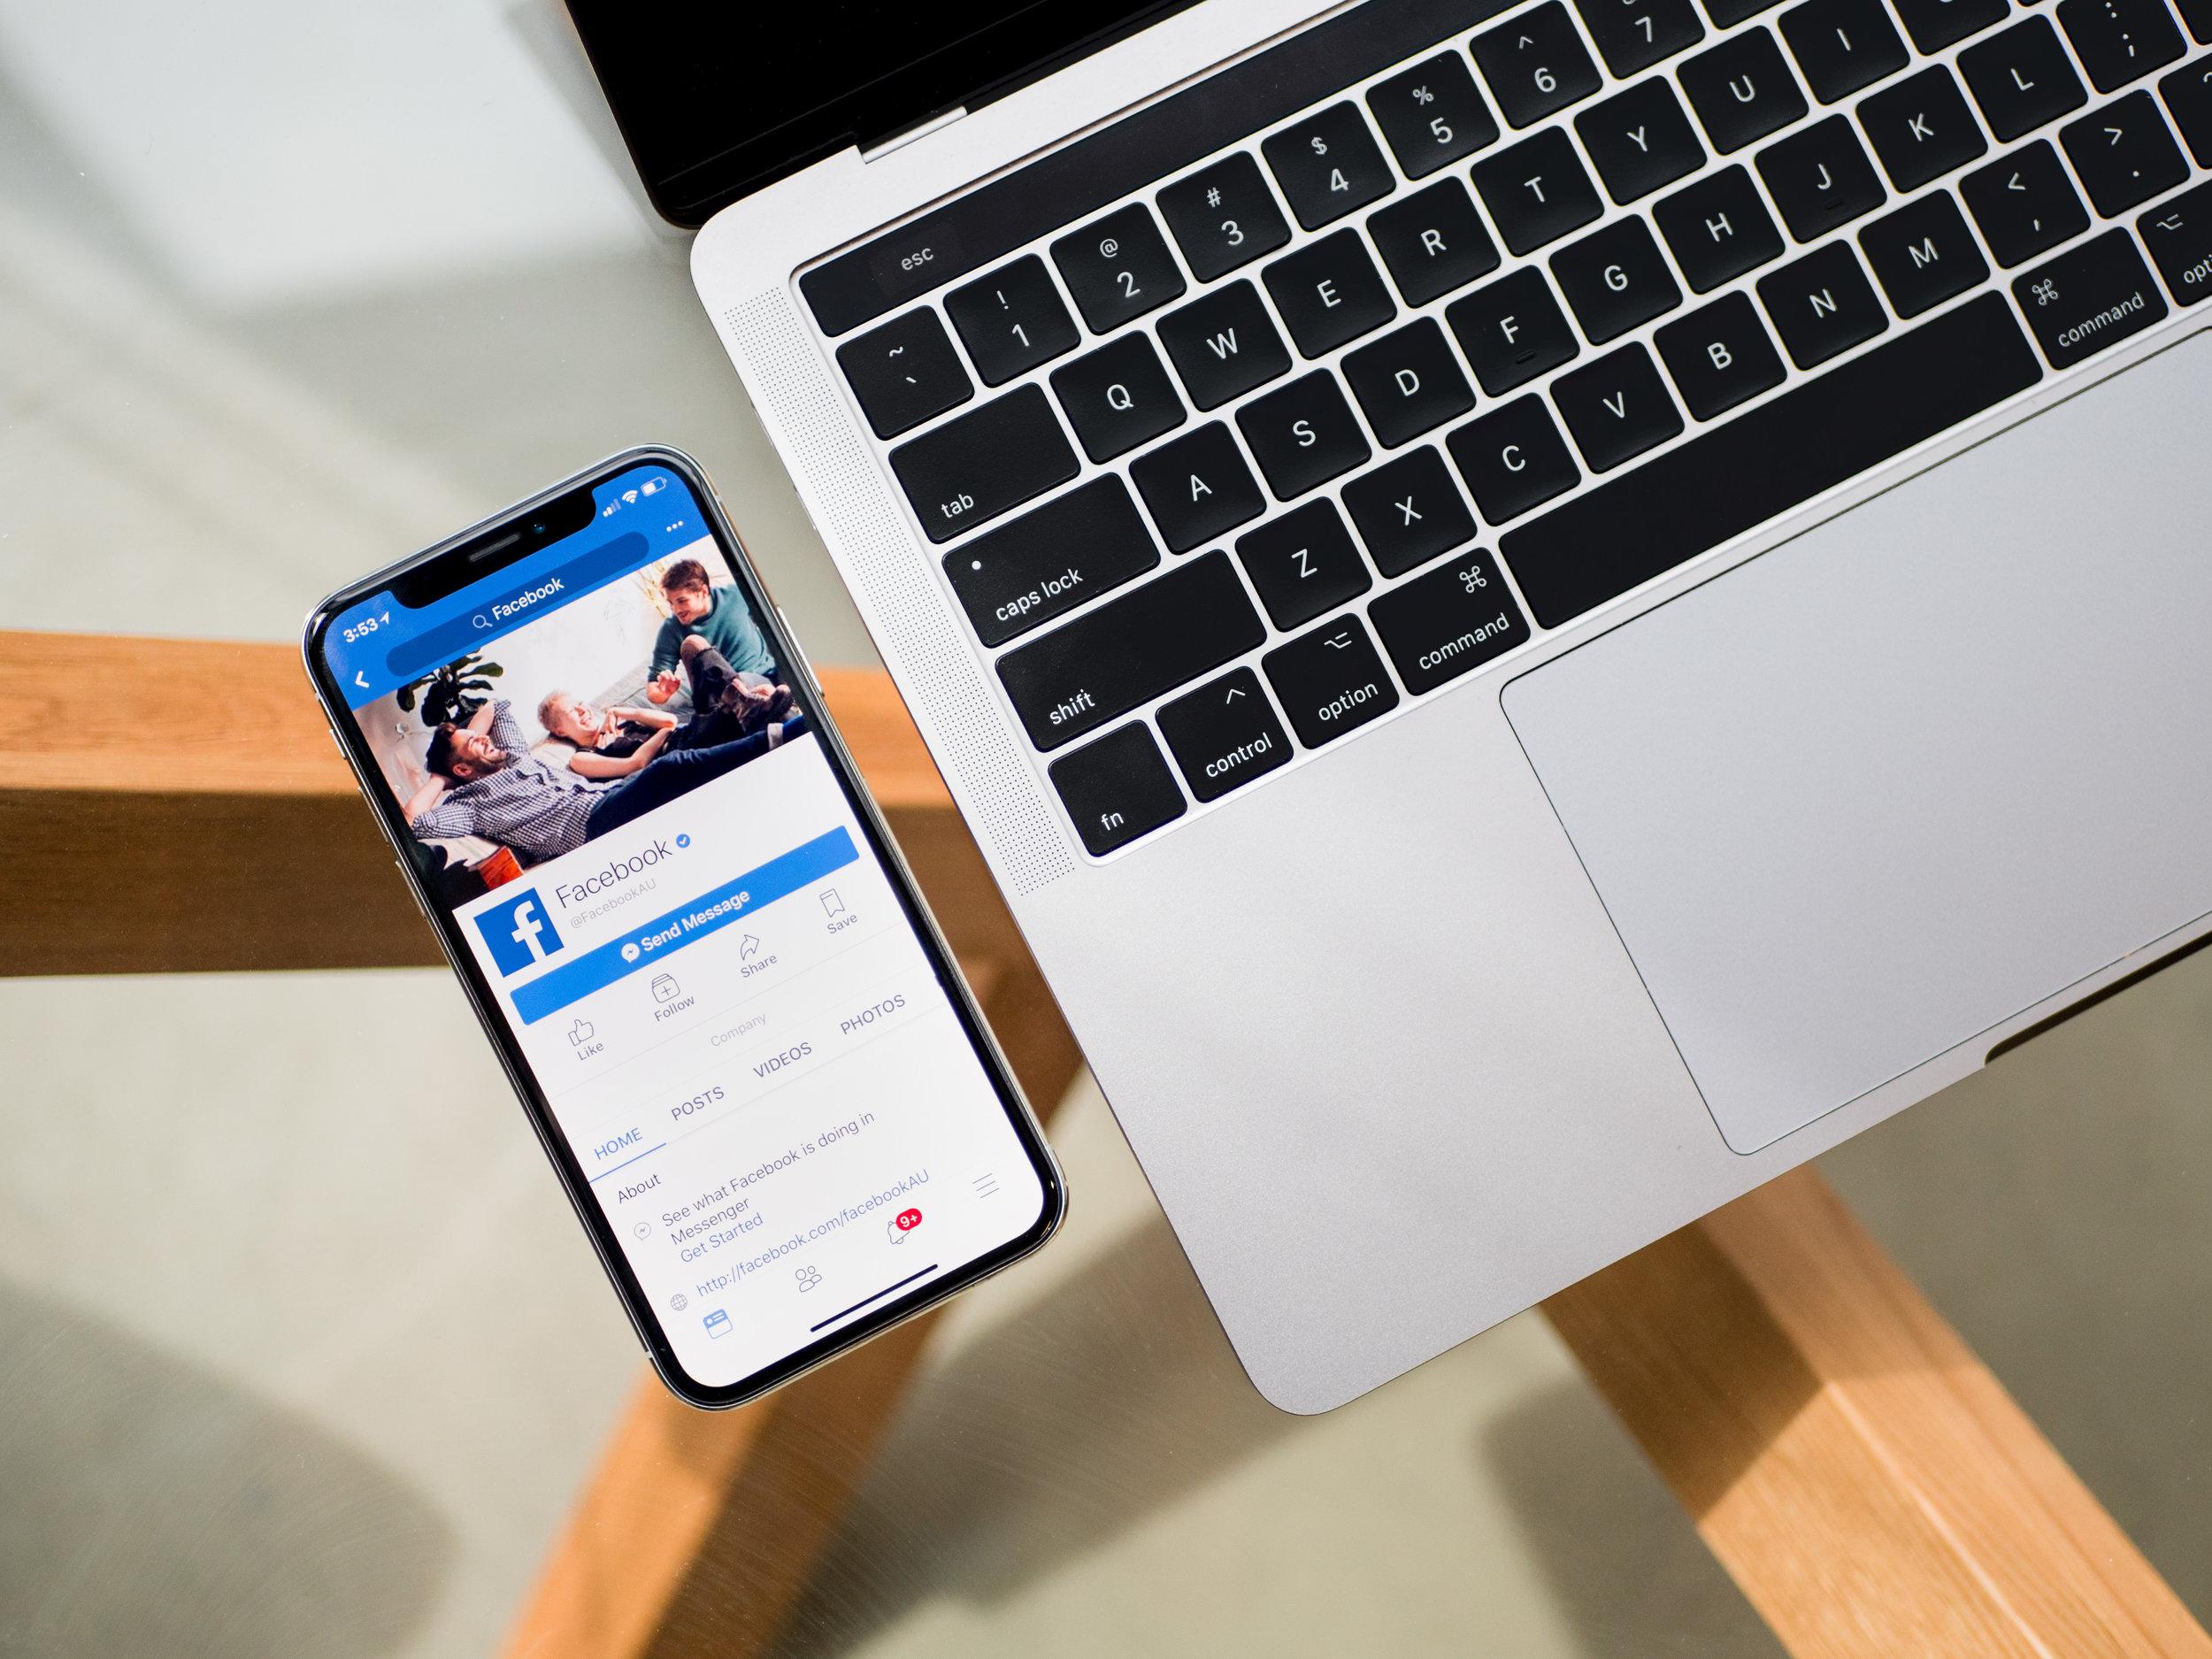 Facebook utilise l'authentification double facteur pour indexer les numéros de téléphone de ses utilisateurs sans leur consentement